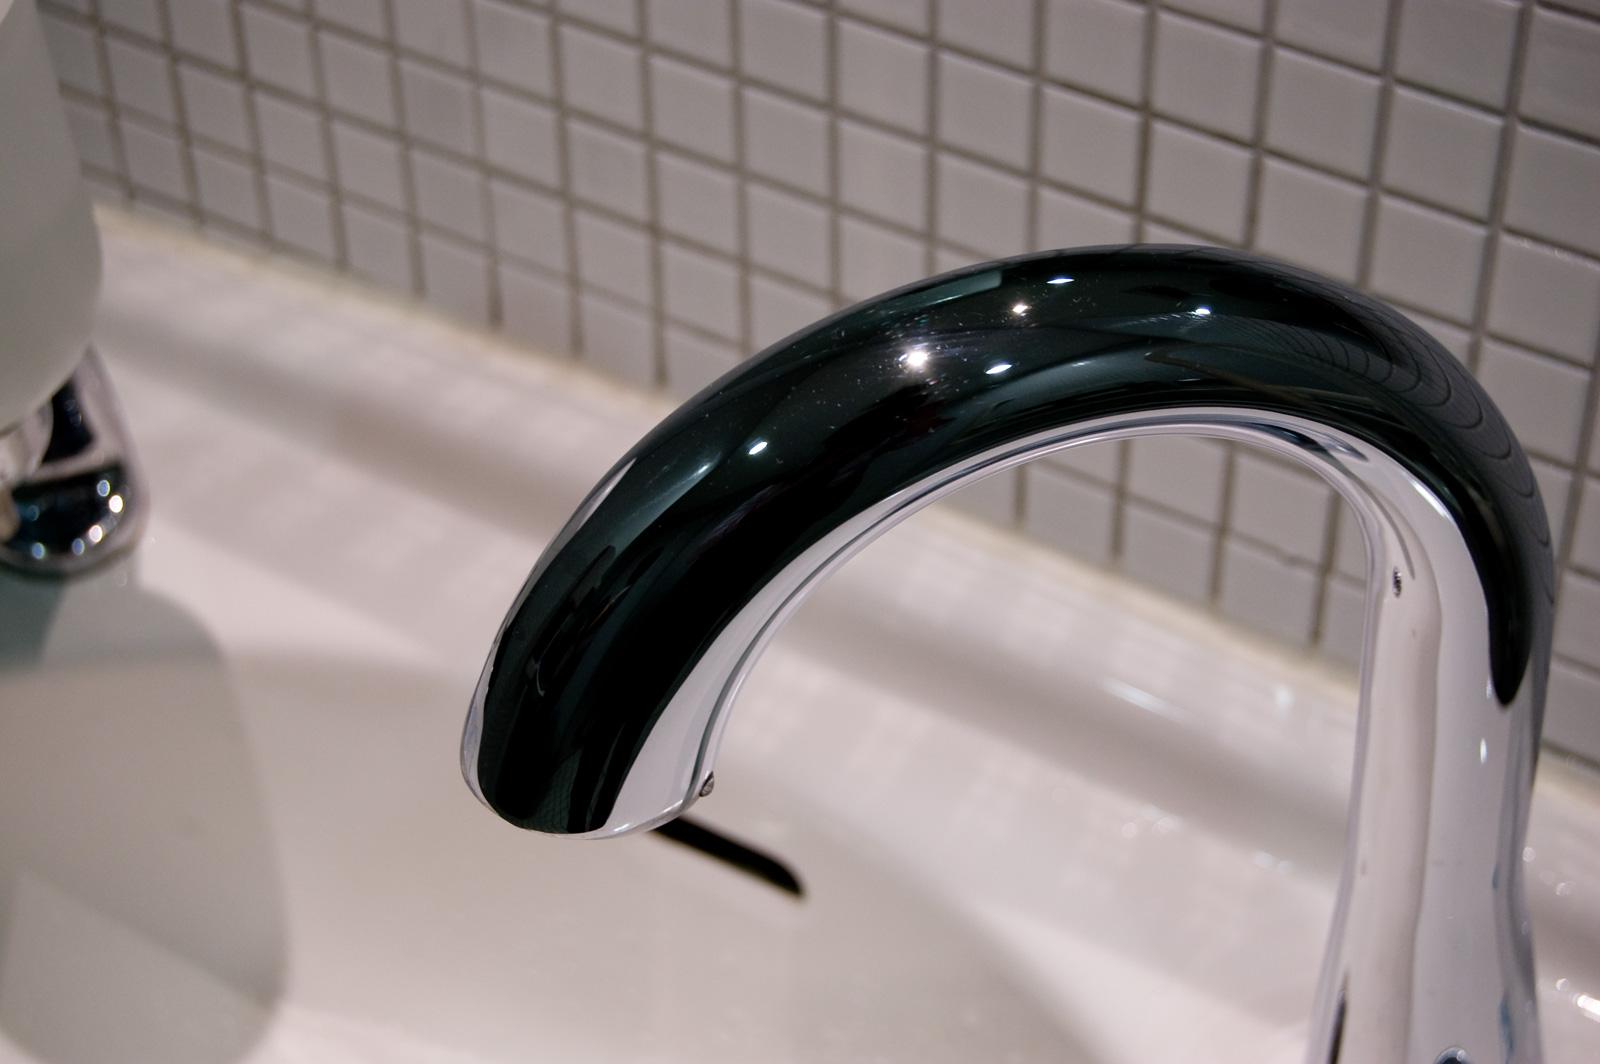 青森市の便利屋「陽気屋本舗」では水まわりのトラブルにも駆けつけます!